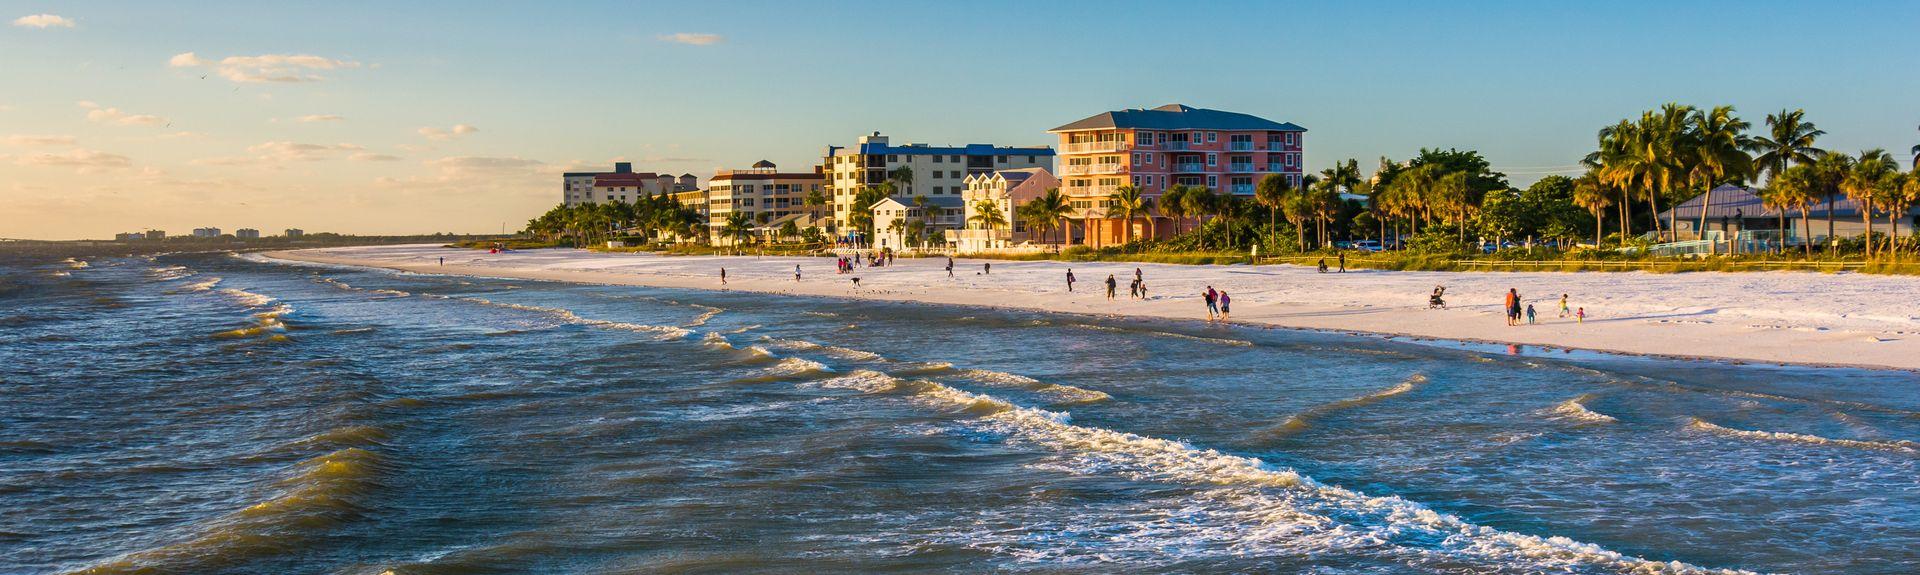 Lee County, Florida, Yhdysvallat